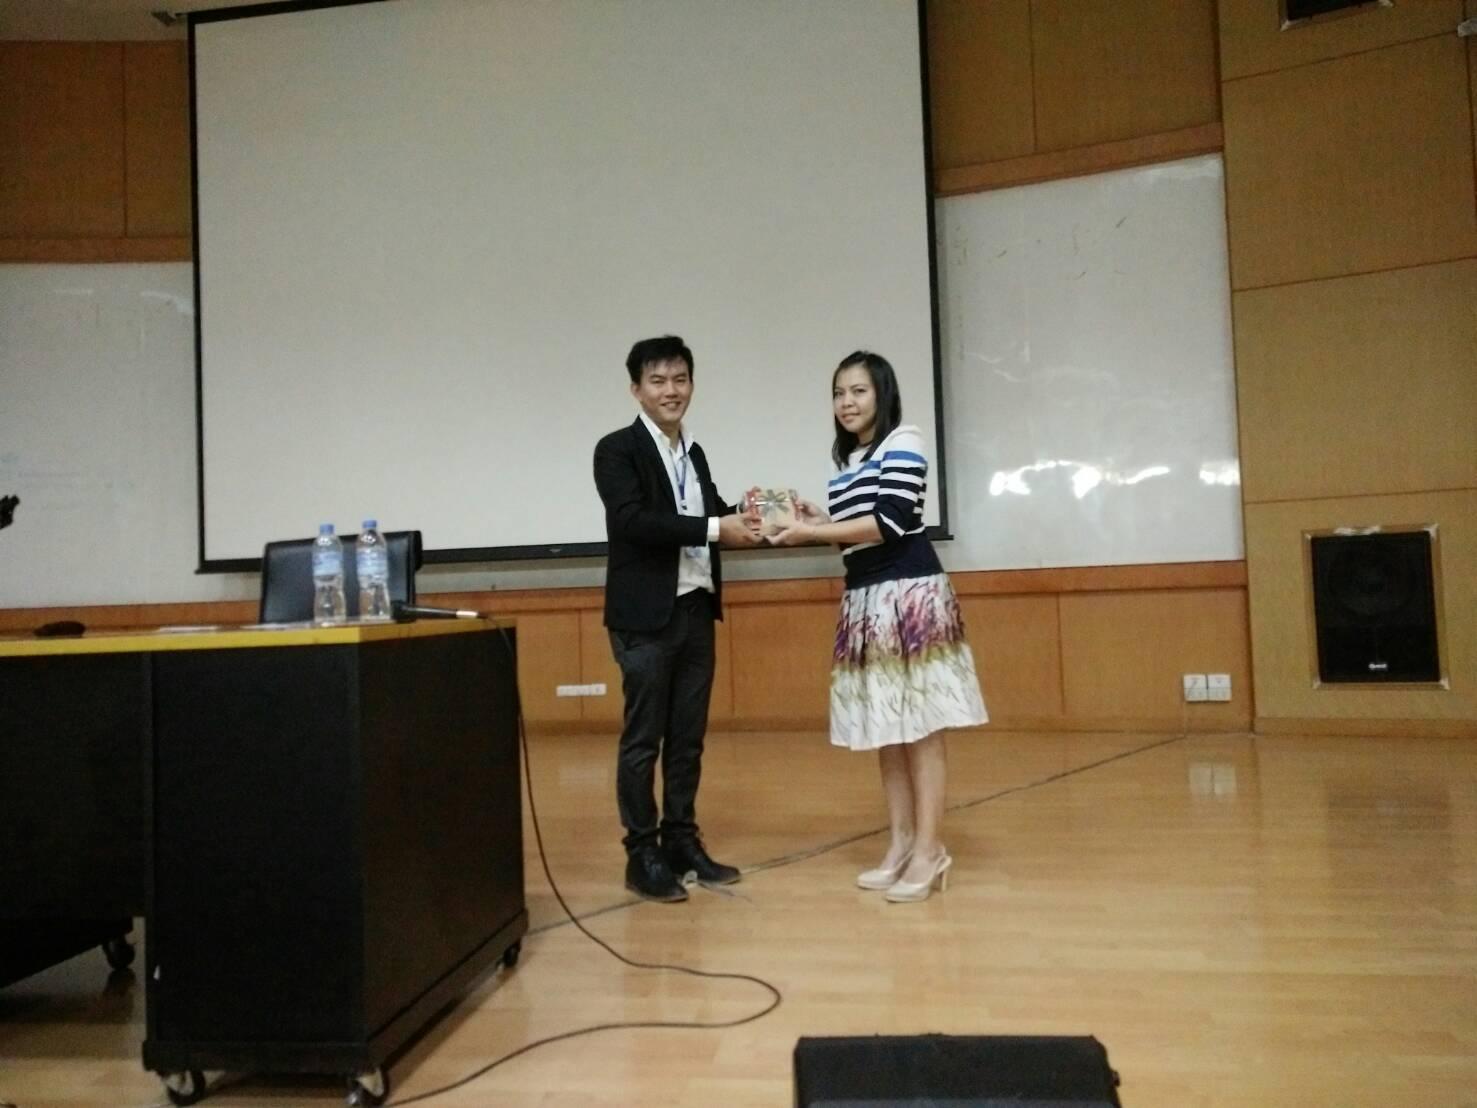 บริษัท เอ็มโอแอล โลจีสติกส์ (ประเทศไทย) จำกัด เข้าบรรยาย